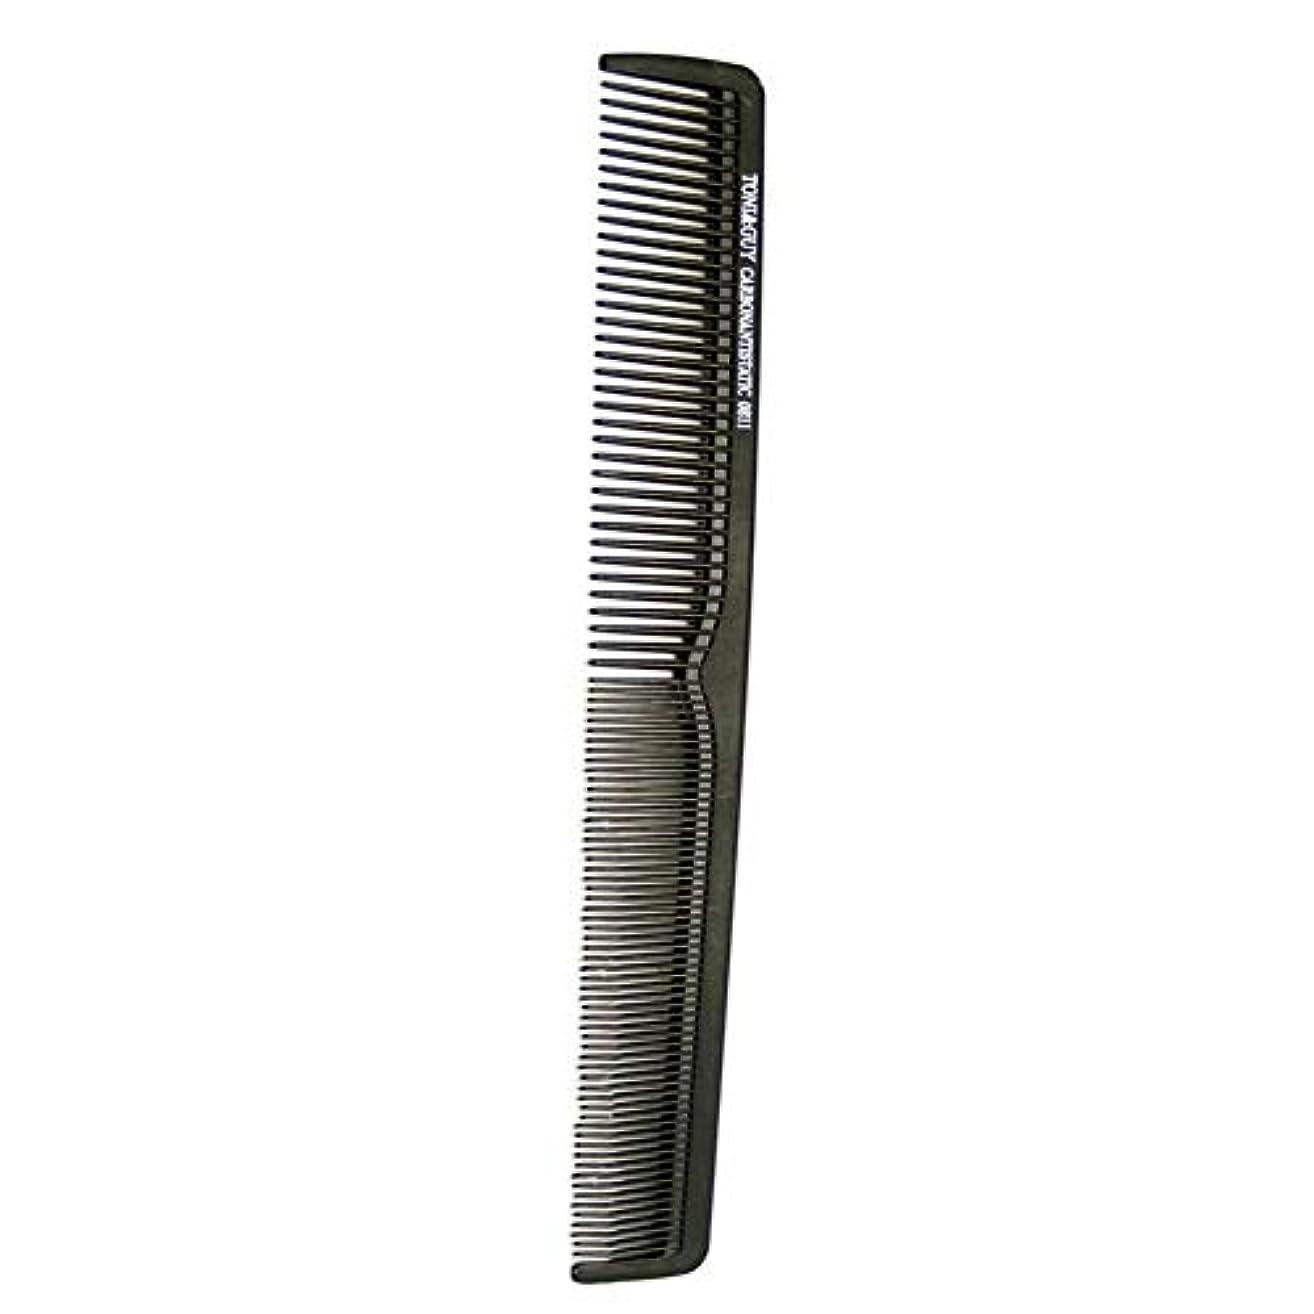 SILUN 黒鋼針くし 耐熱 帯電防止 理髪コーム人気 スタイリングコーム 静電気防止 散髪店/美容院専用櫛